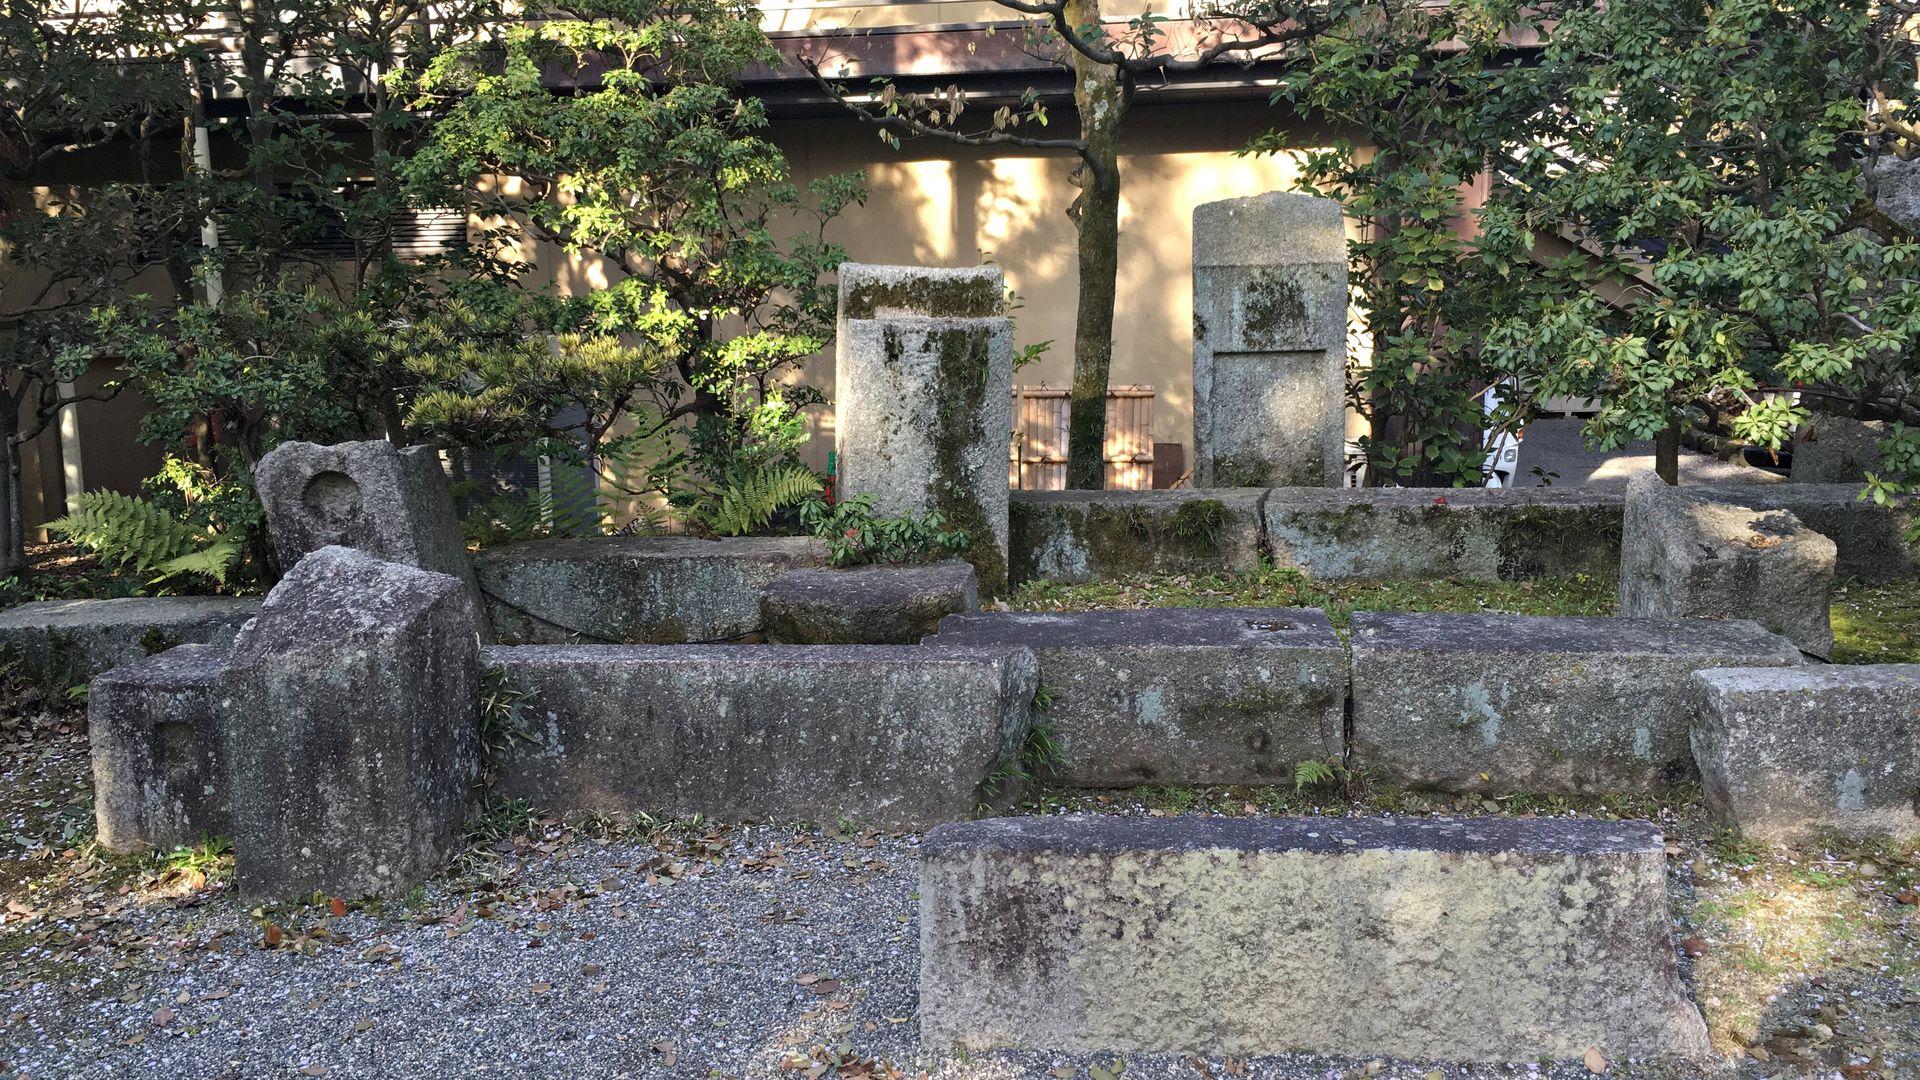 石清水八幡宮の鳩峯寮の庭